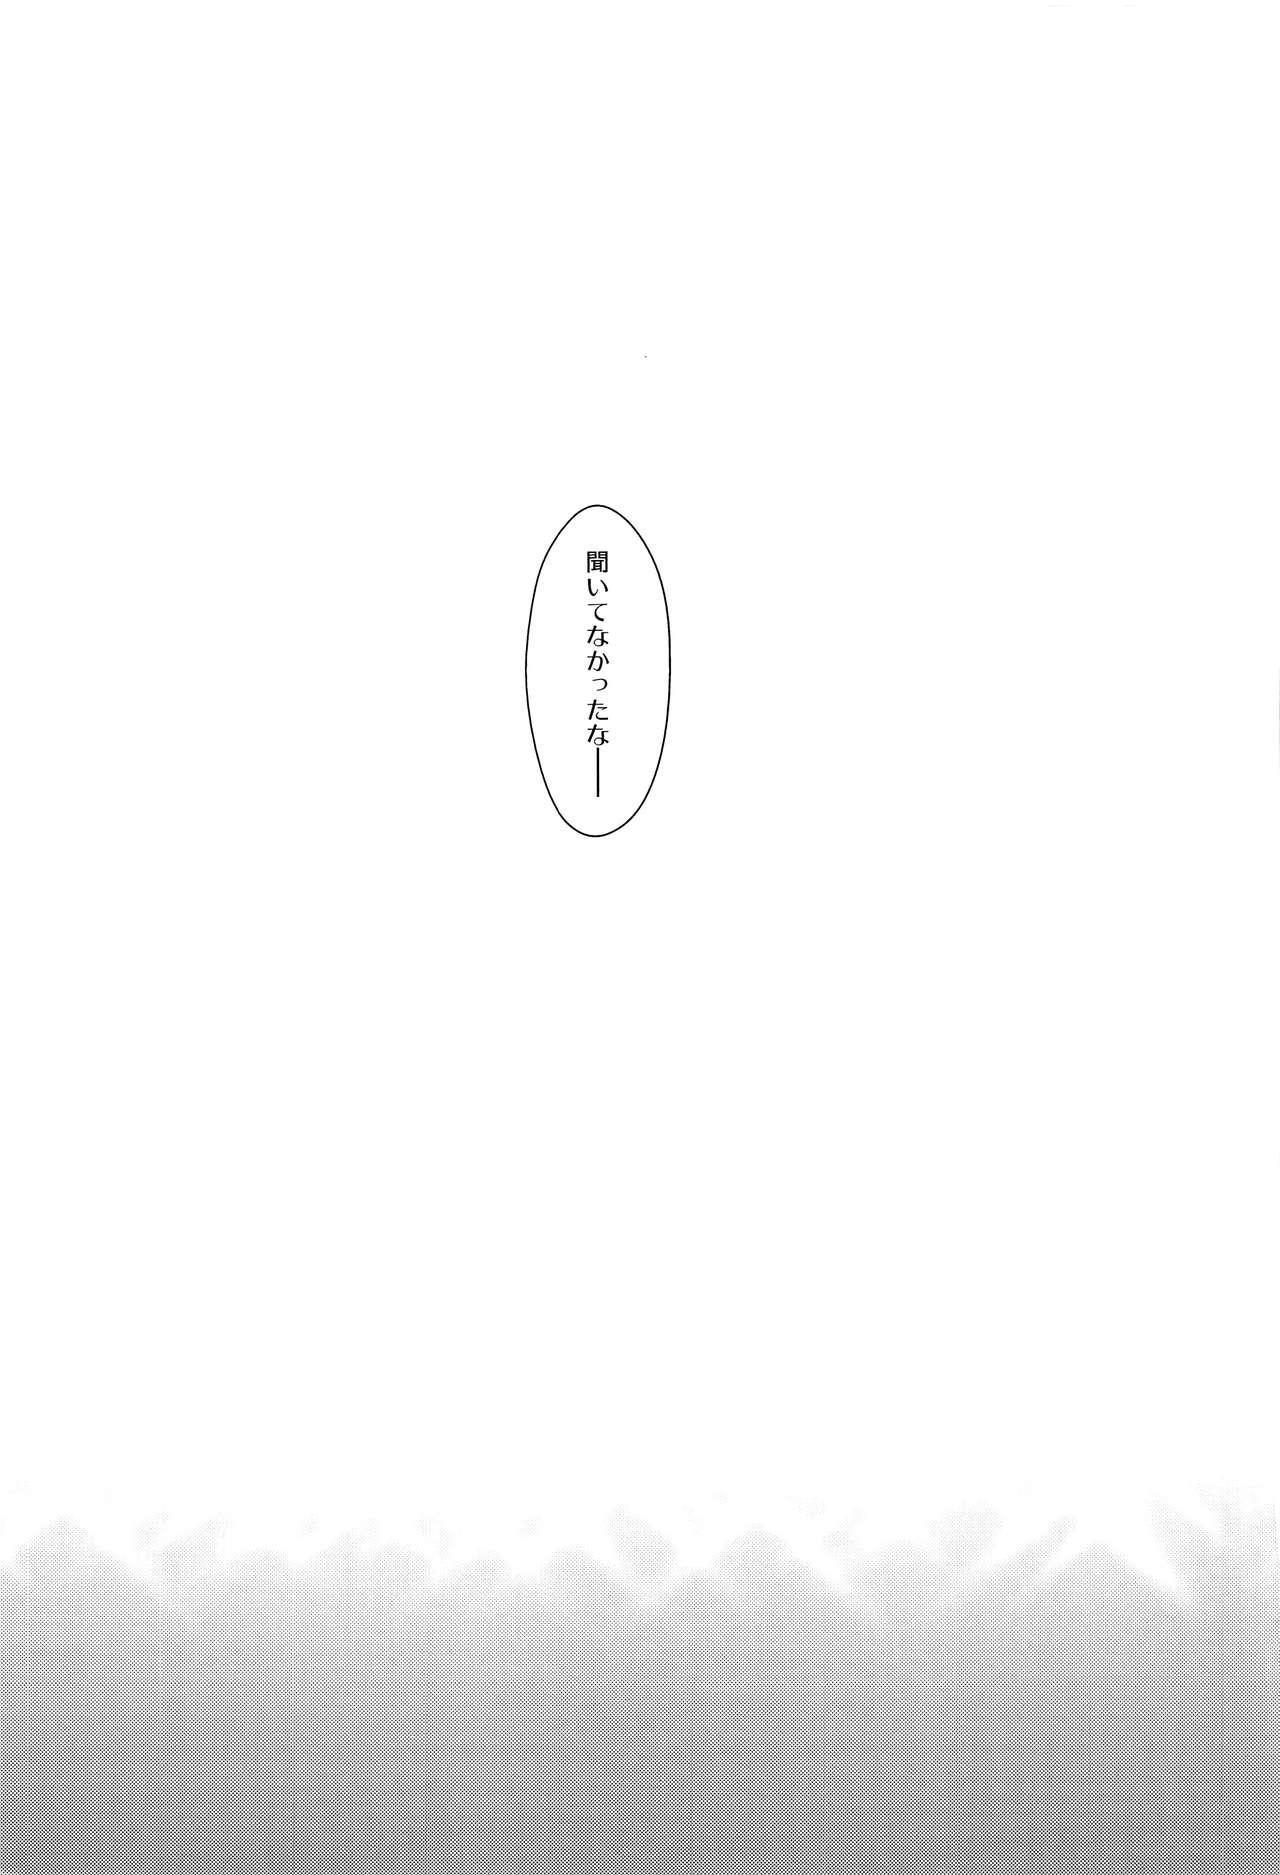 if no Kizuna 45